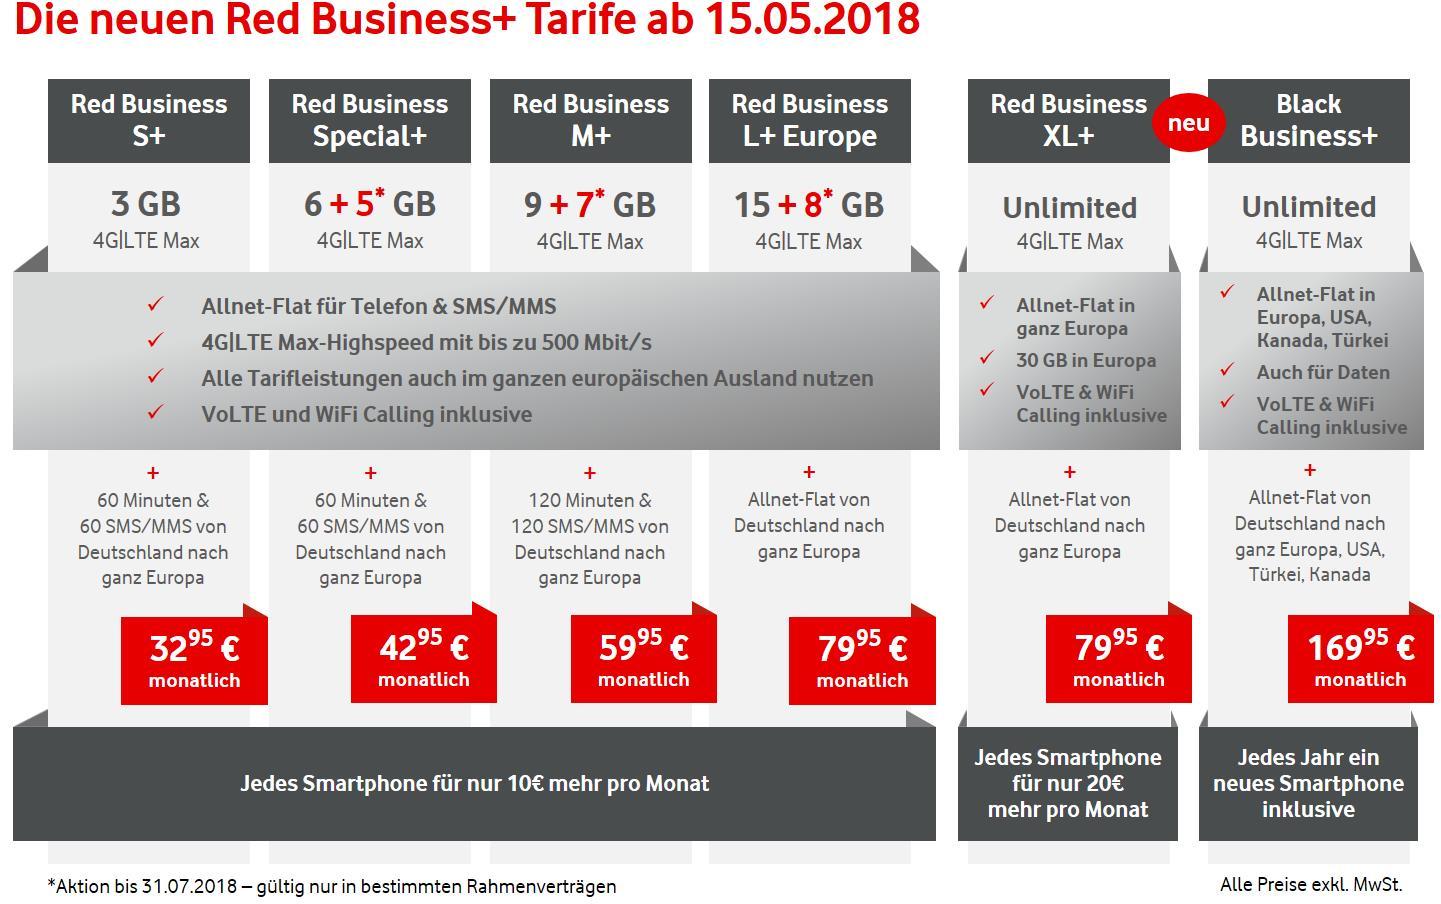 Vodafone Red XL: Echte LTE-Flat für 80 Euro/Monat